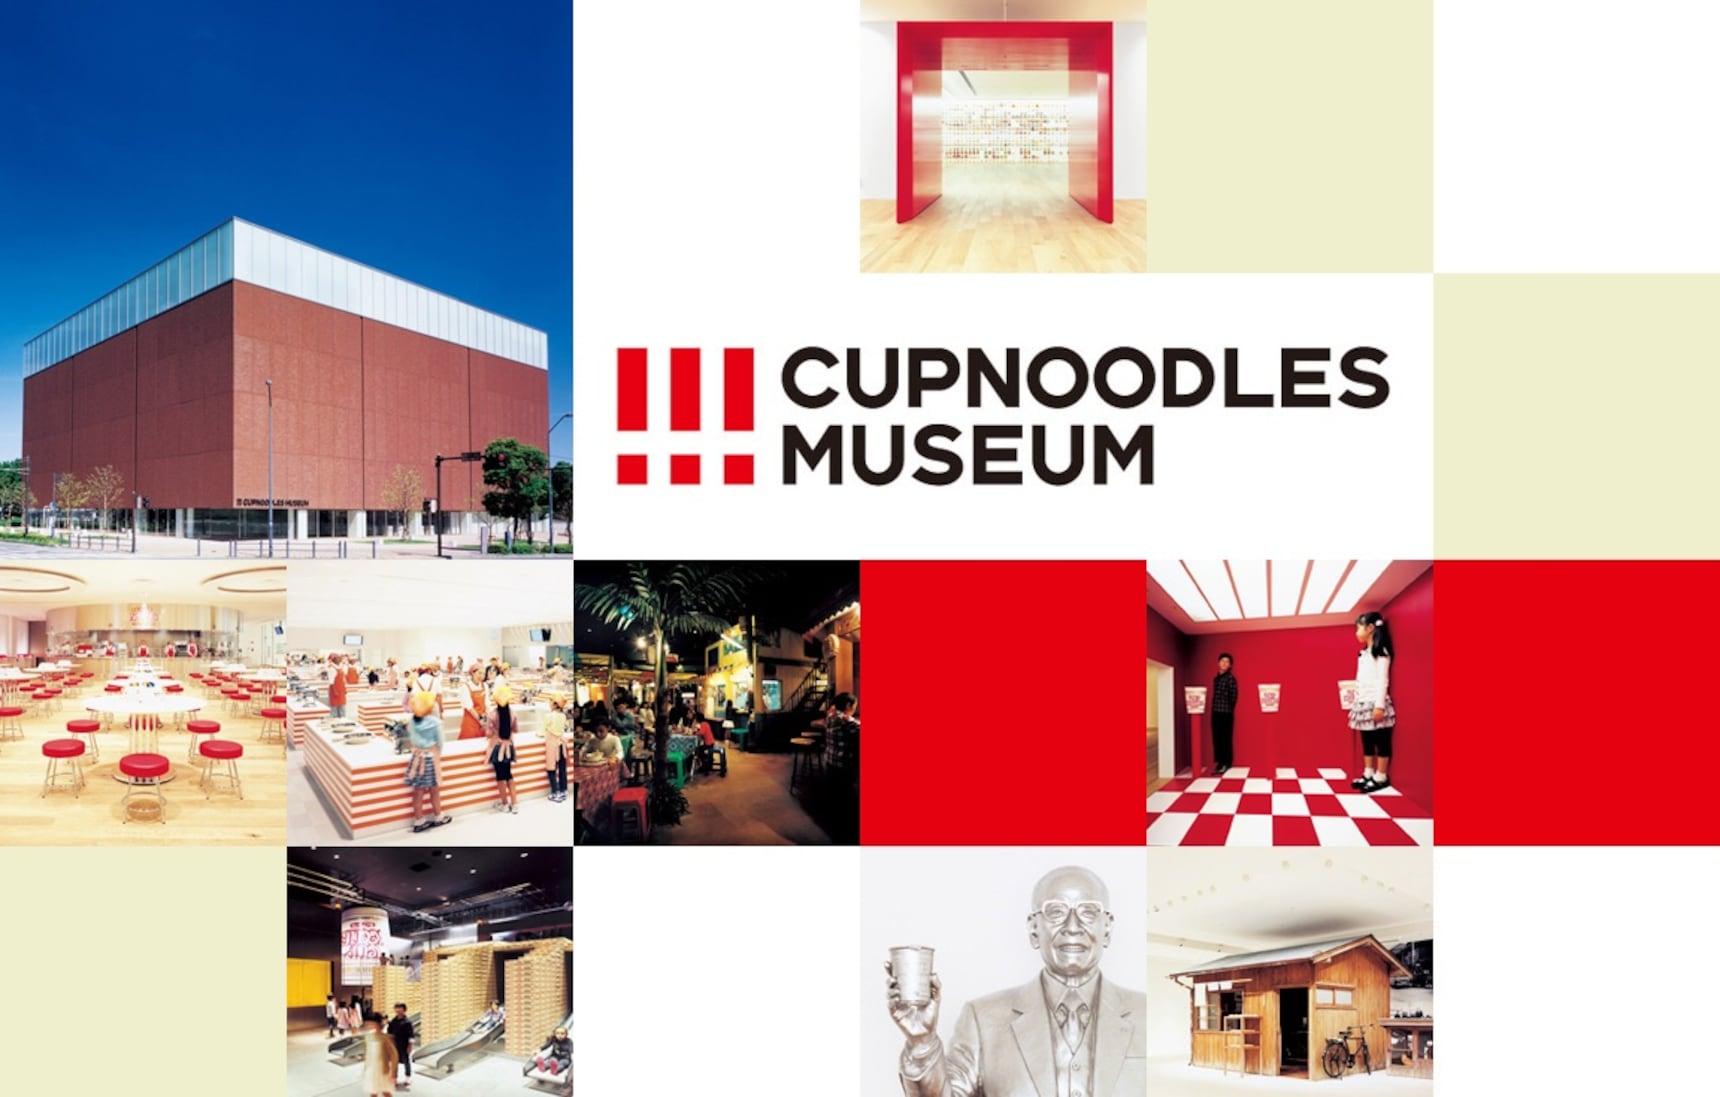 想DIY一碗世上獨一無二的杯麵嗎?橫濱杯麵博物館全體驗